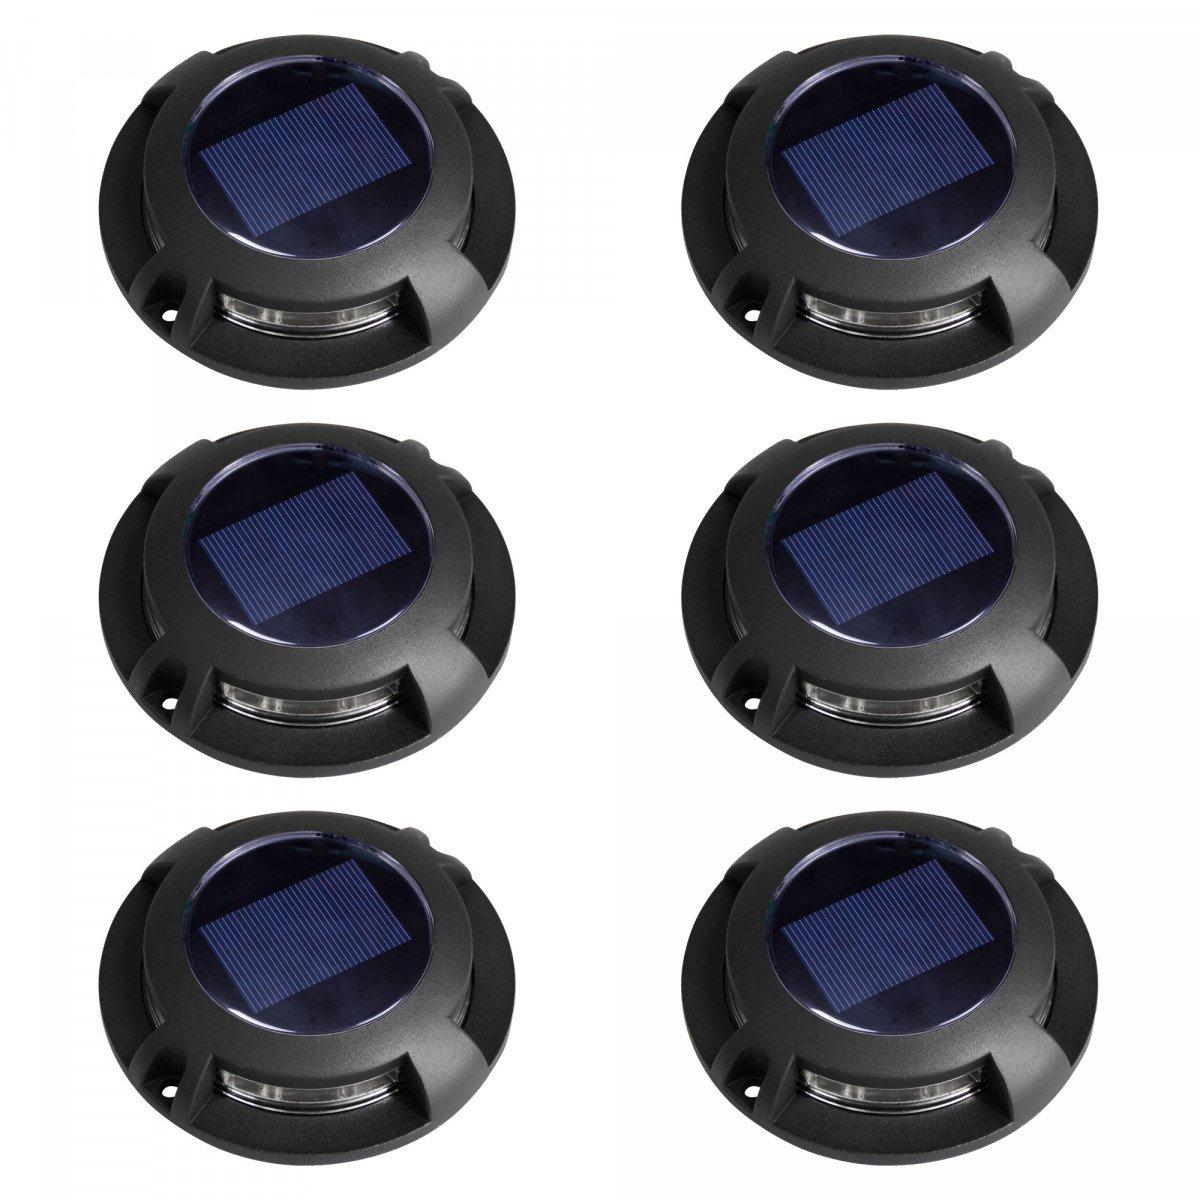 grondspot - Solar LED Decklight - solarlamp - zonne energie spot - Nostalux-Set-6